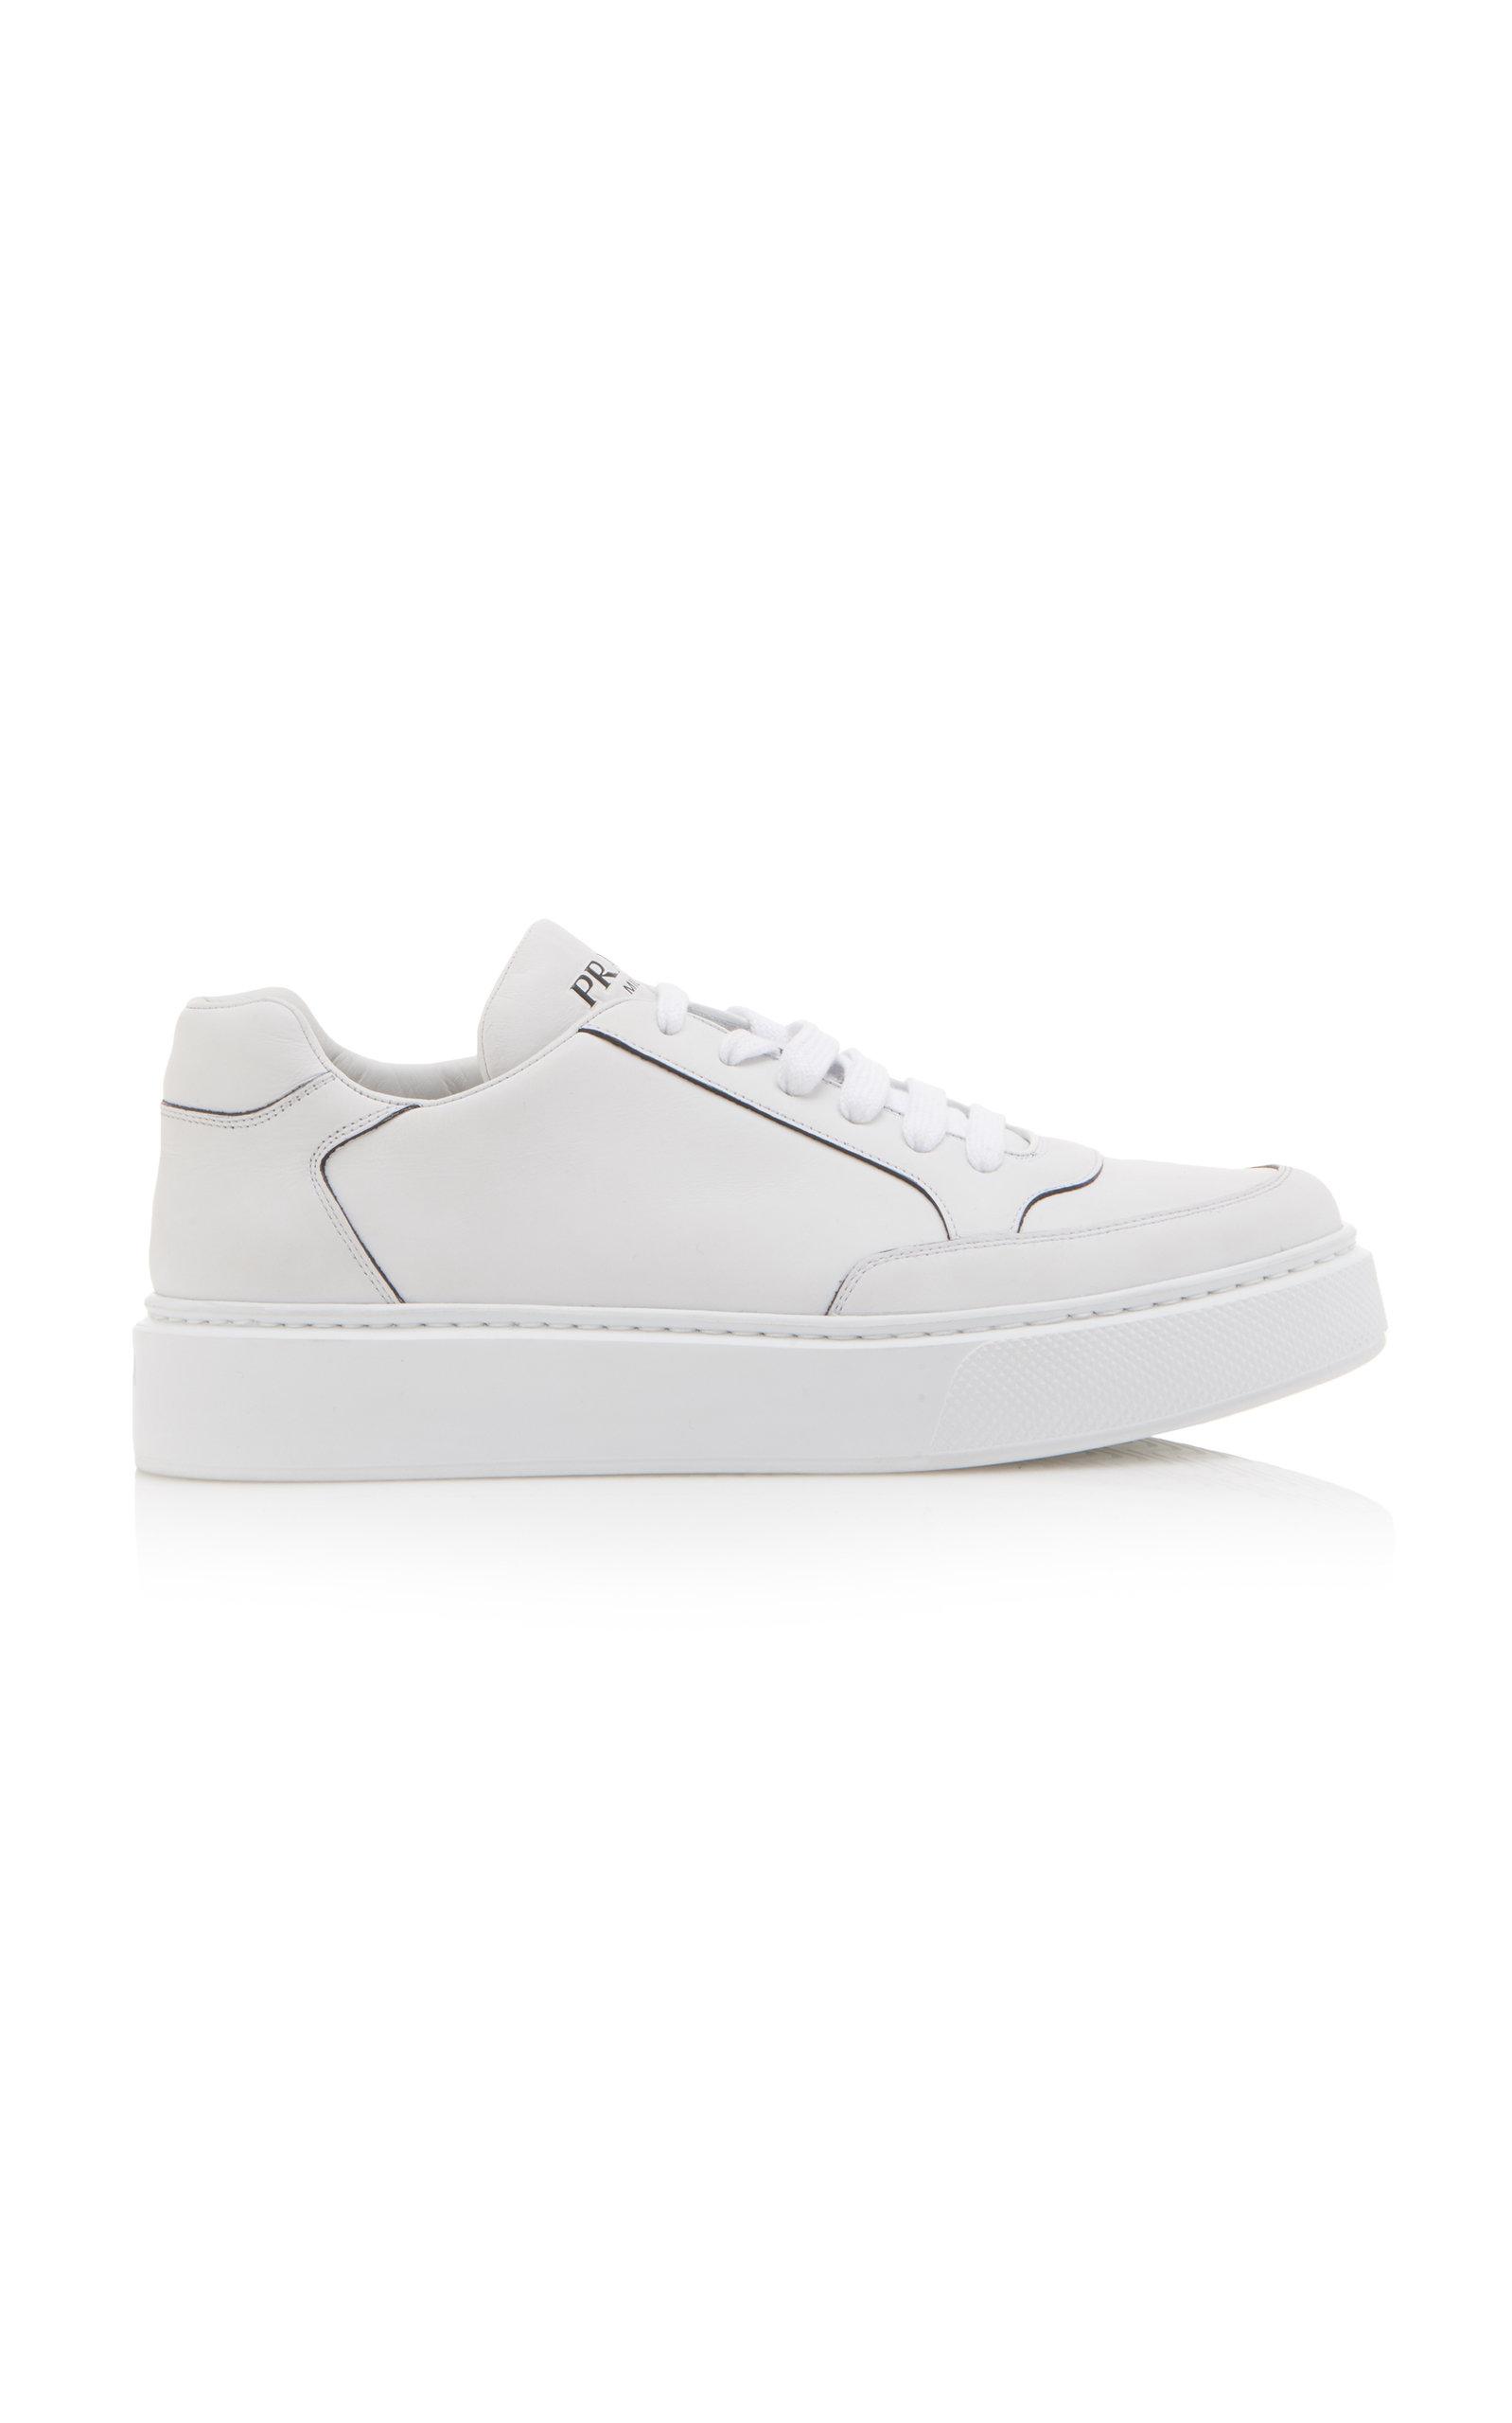 PRADA | Prada Logo-Printed Leather Sneakers | Goxip